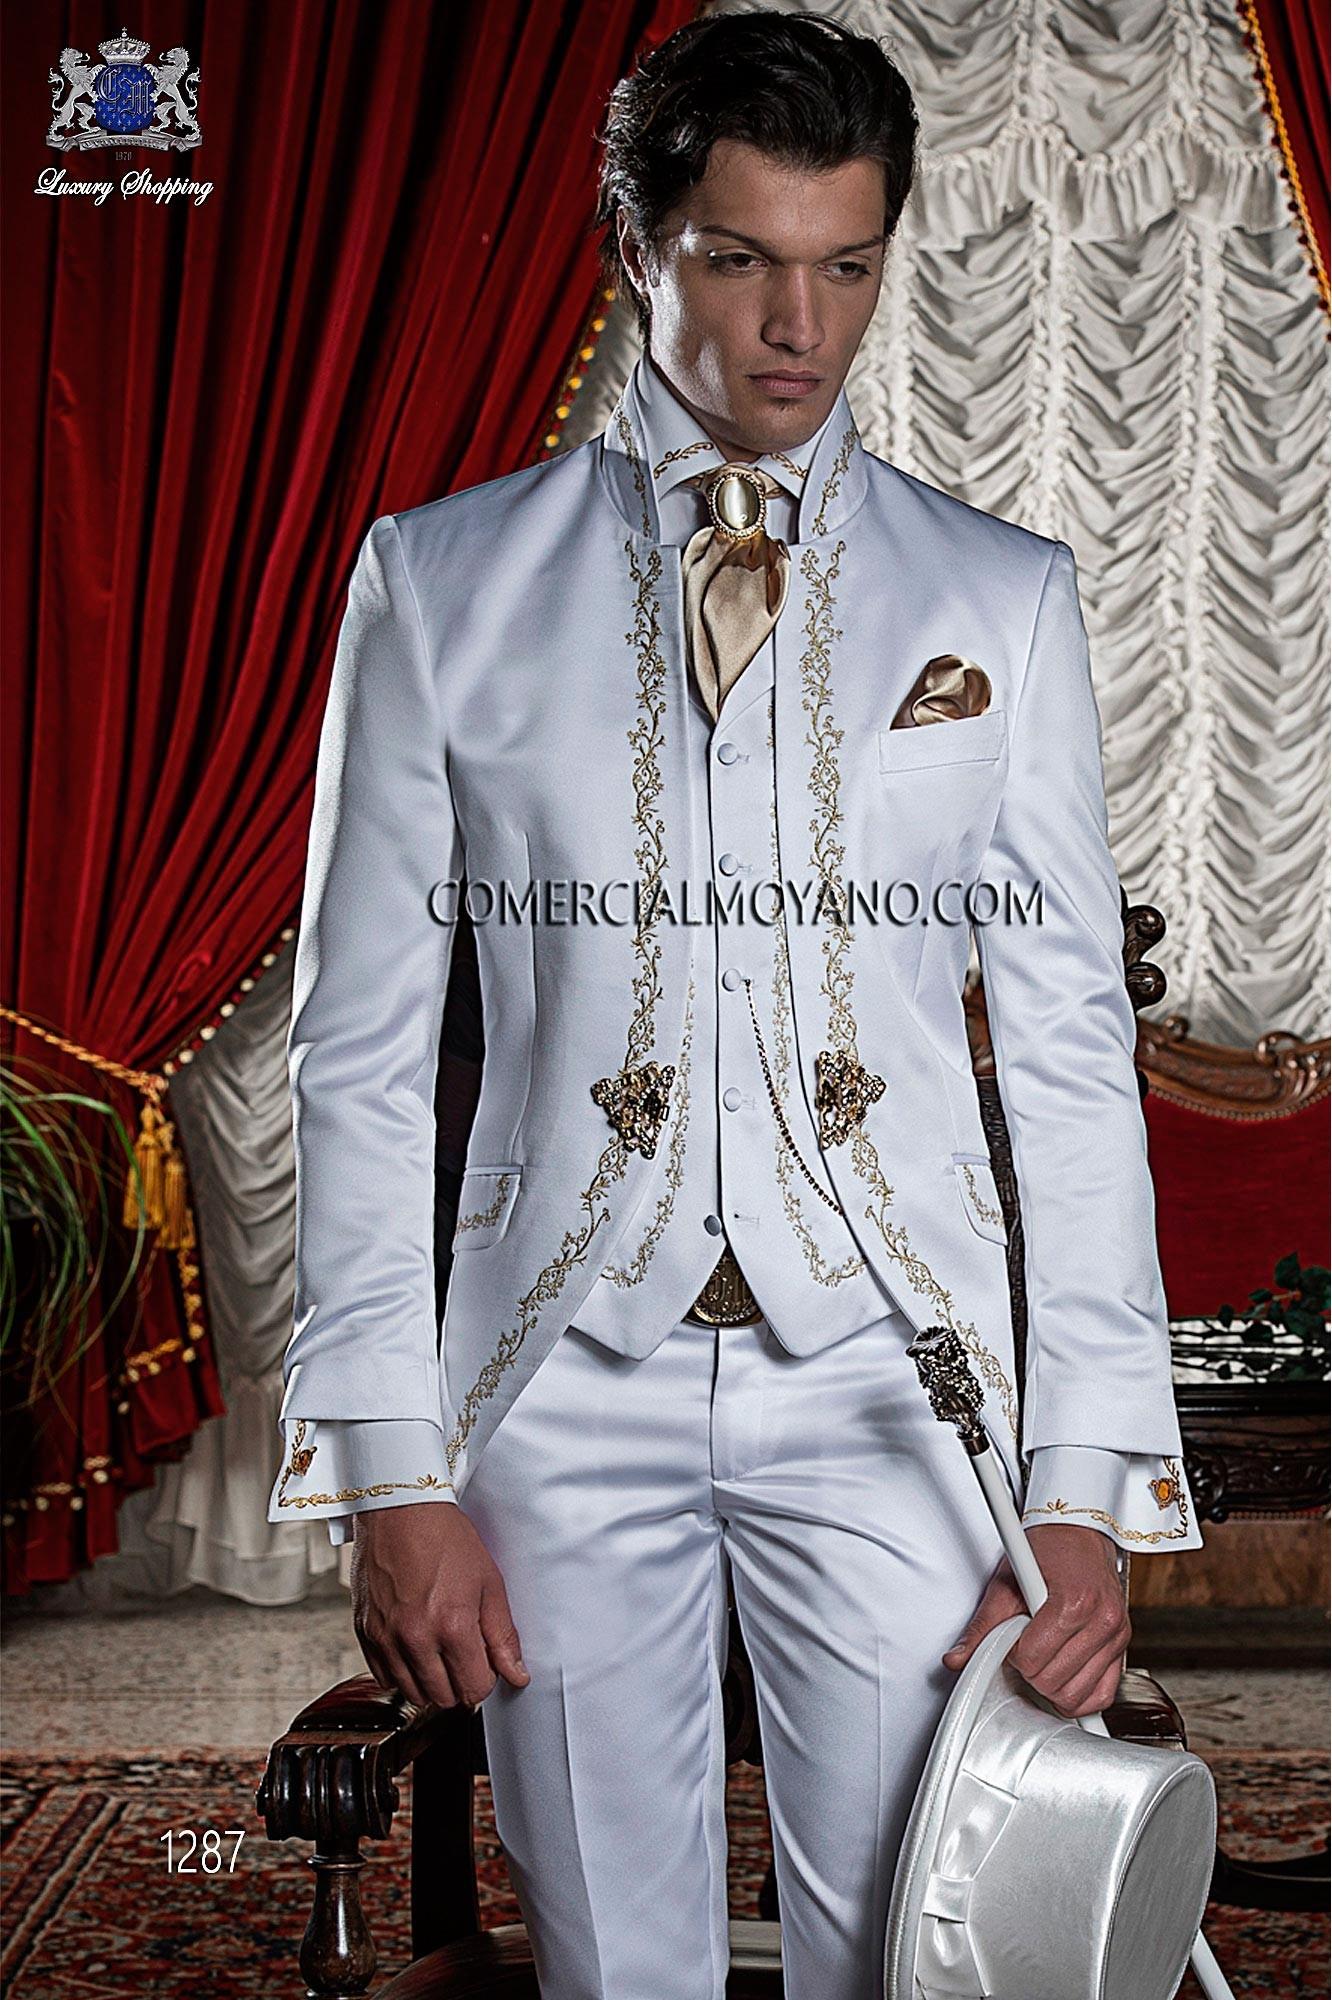 Traje barroco de novio blanco modelo: 1287 Ottavio Nuccio Gala colección 2017 Barroco